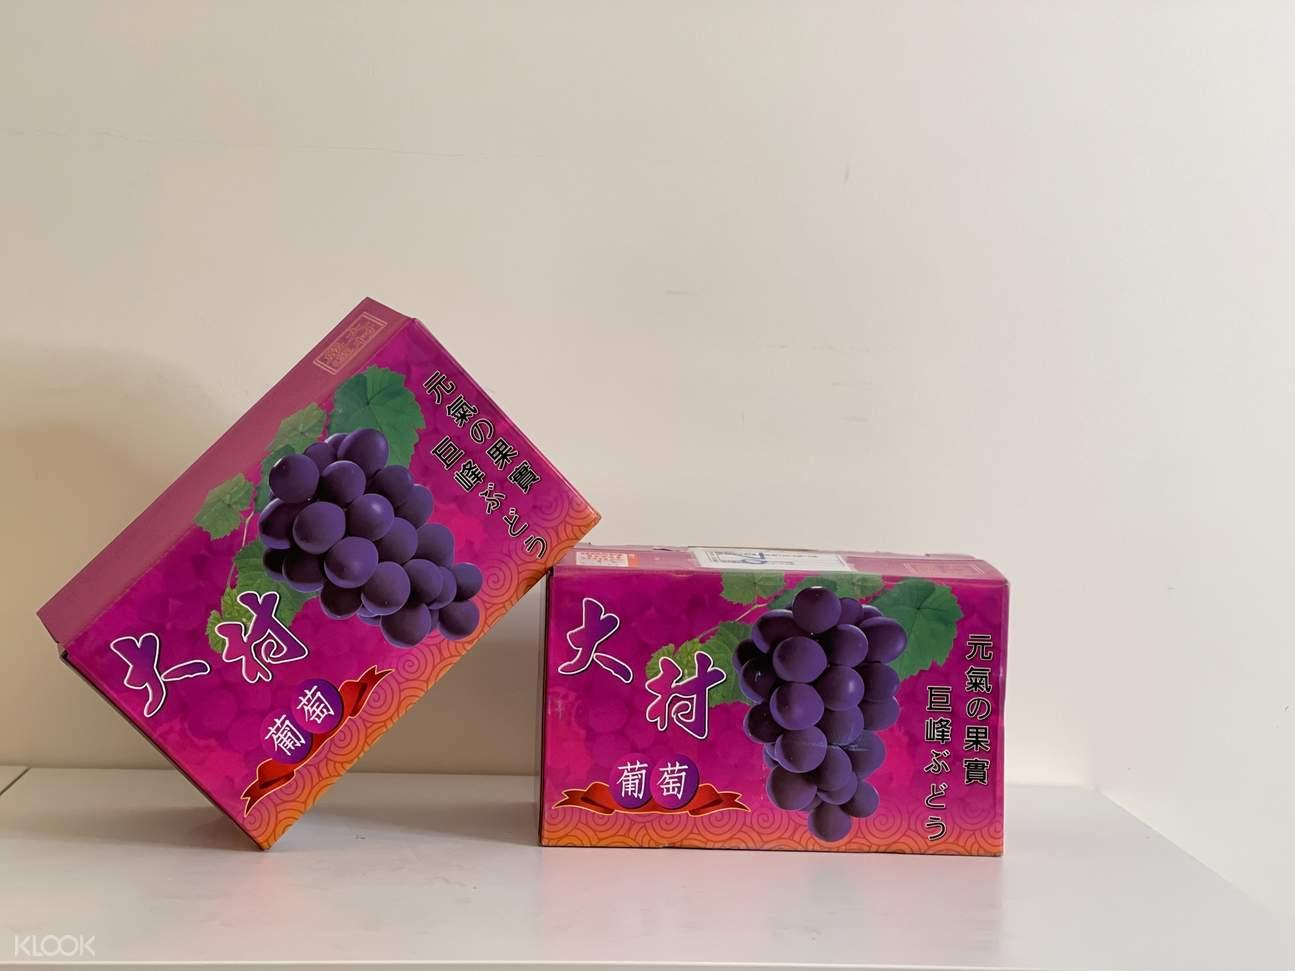 6/3 起開始採收,新鮮巨峰葡萄,鮮美多汁!產地直送!